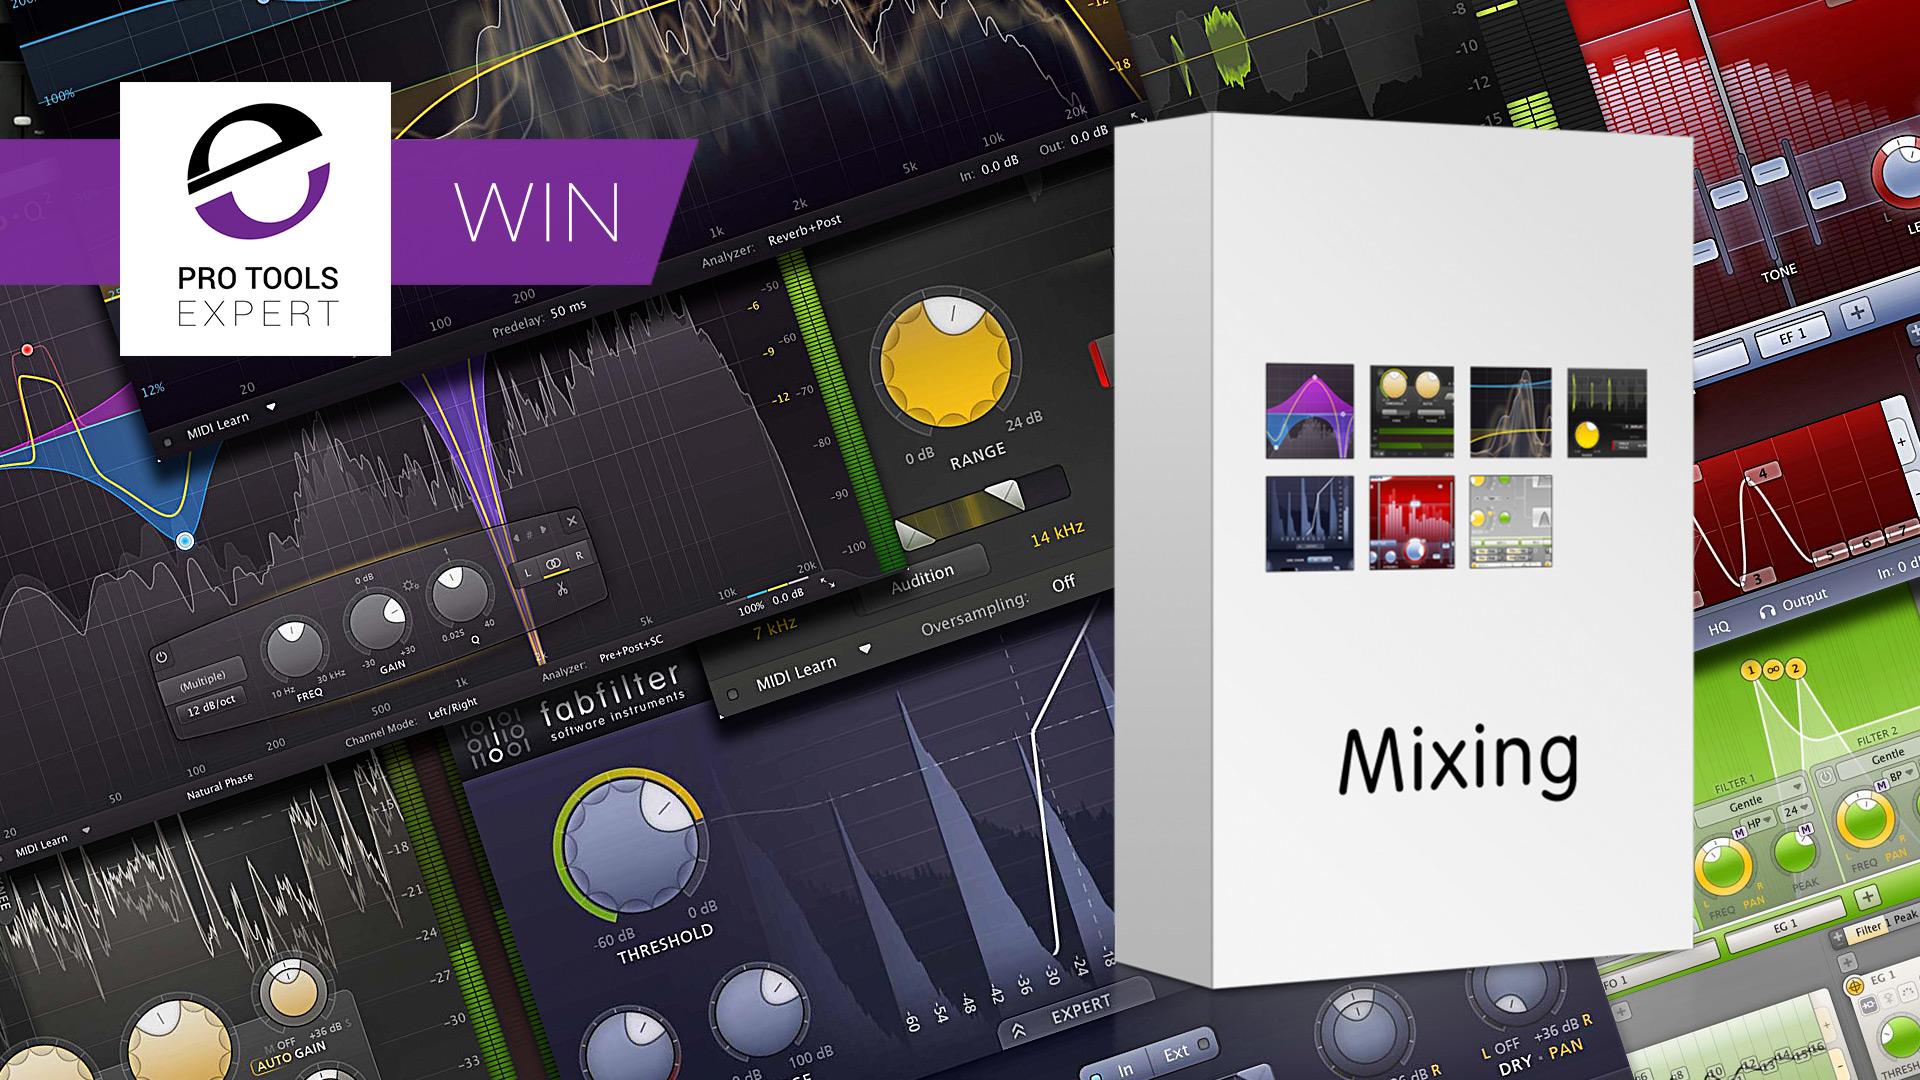 win-fabfilter-mixing-bundle-plug-ins.jpg